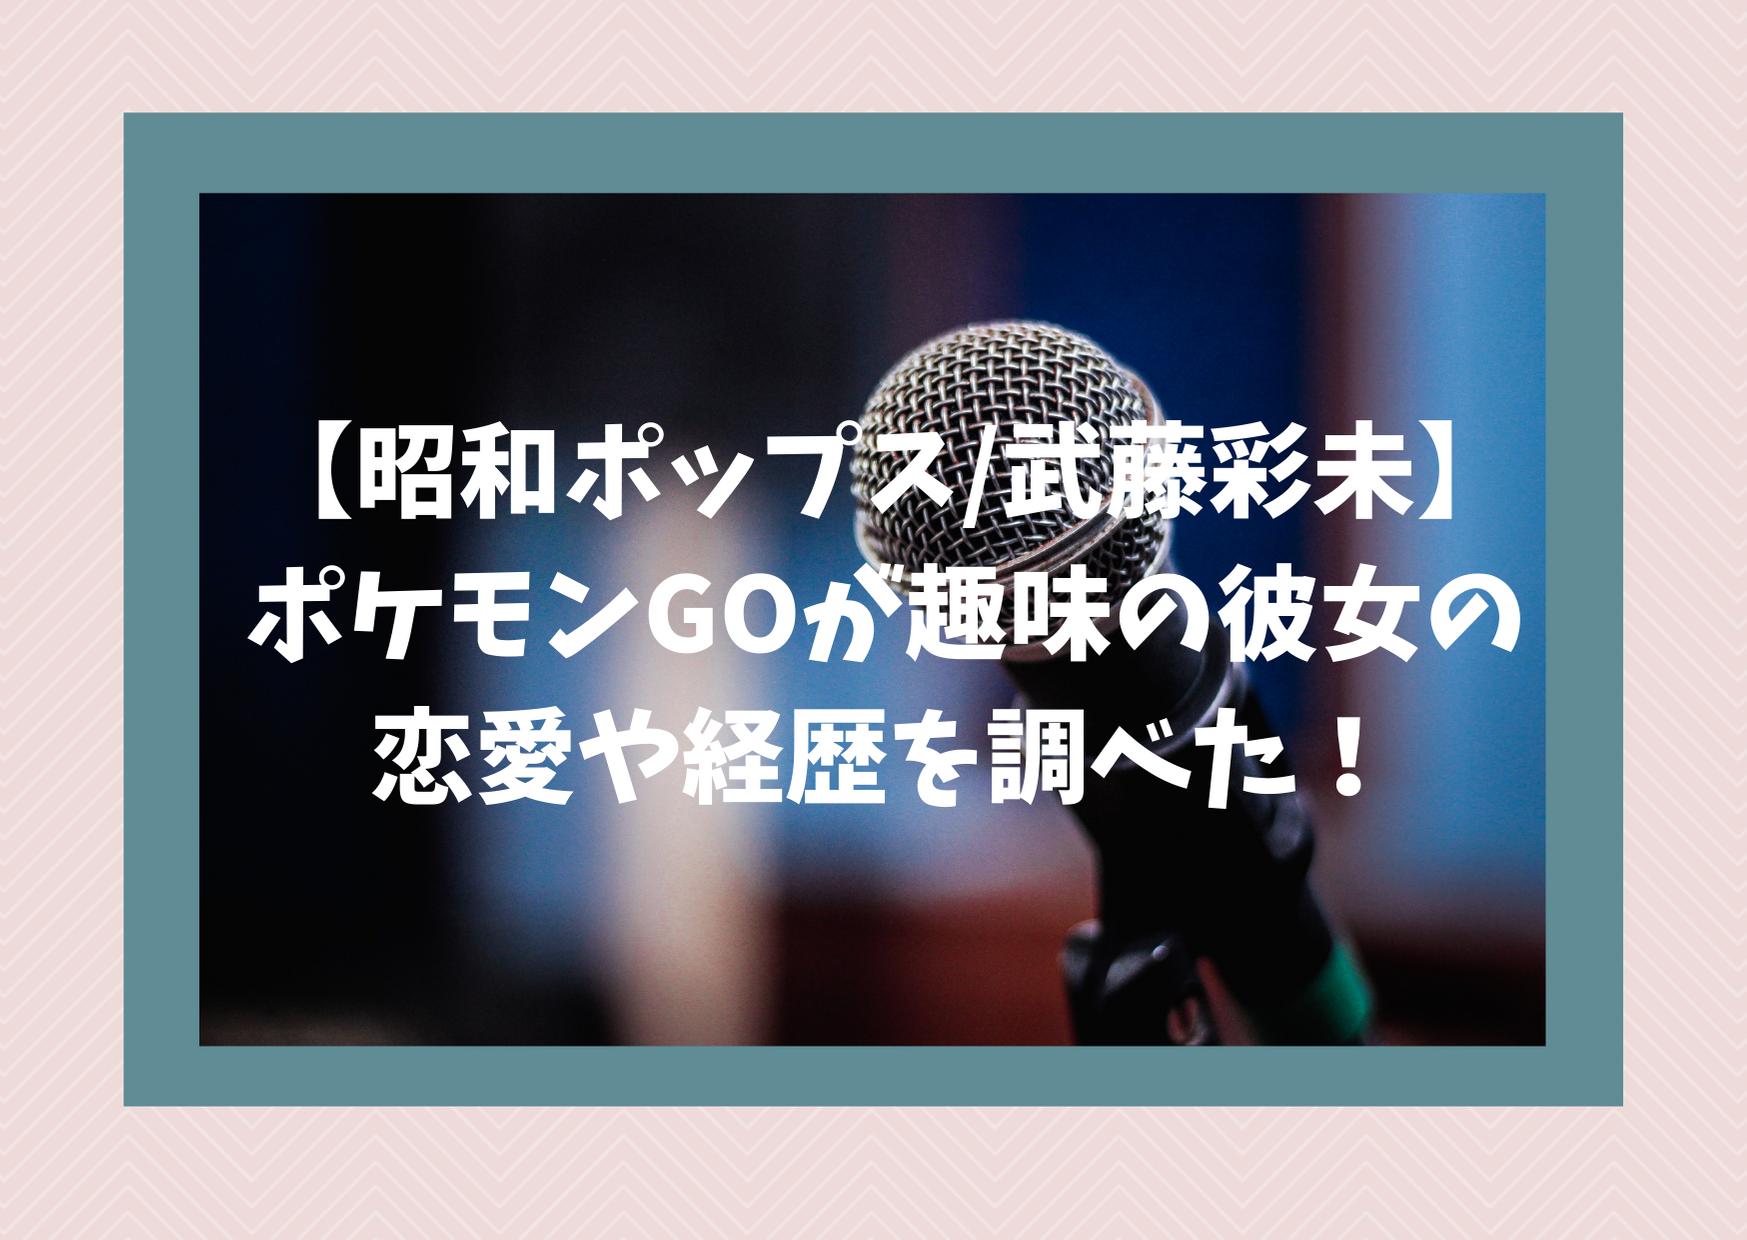 【昭和ポップス/武藤彩未】ポケモンGOが趣味の彼女の恋愛や経歴を調べた!